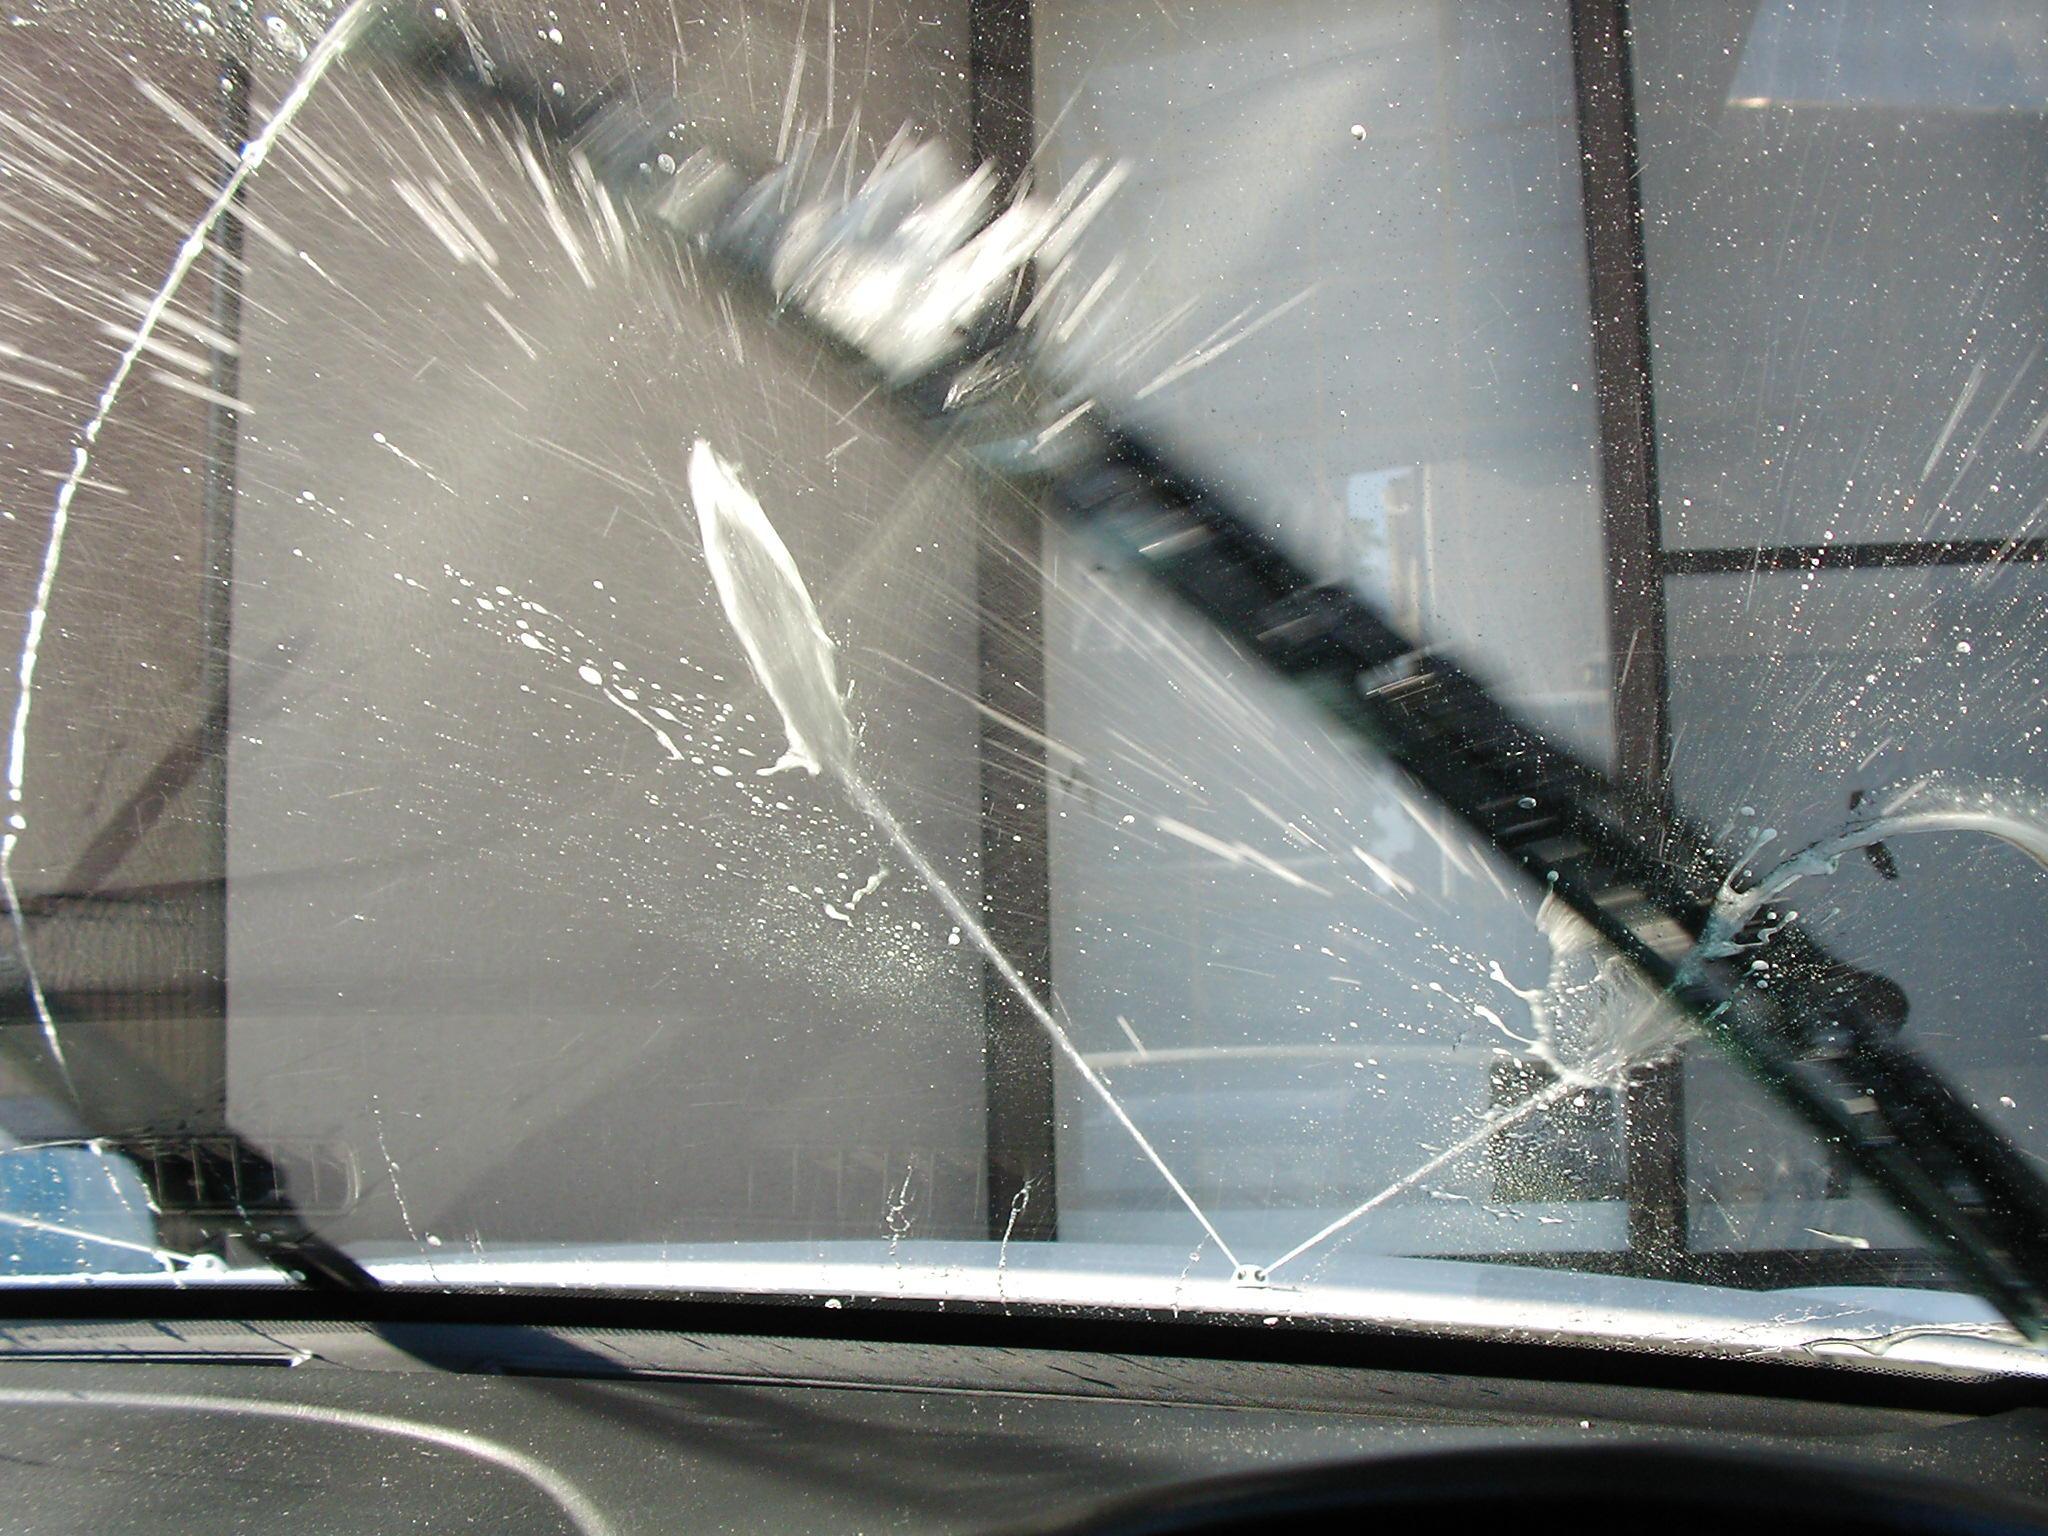 愛車のフロントガラスを守ります!おすすめウォッシャー液紹介のサムネイル画像